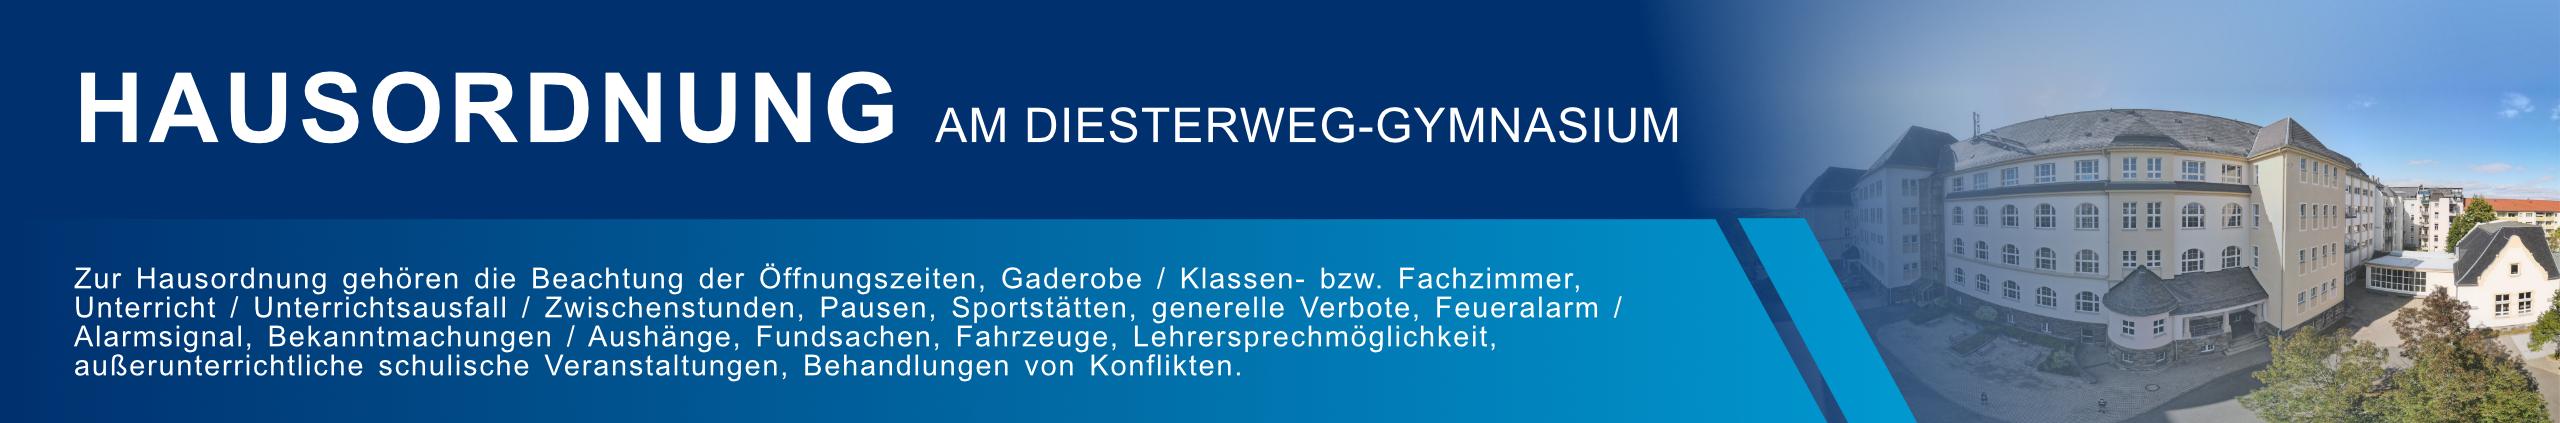 Hausordnung am Diesterweg-Gymnasium